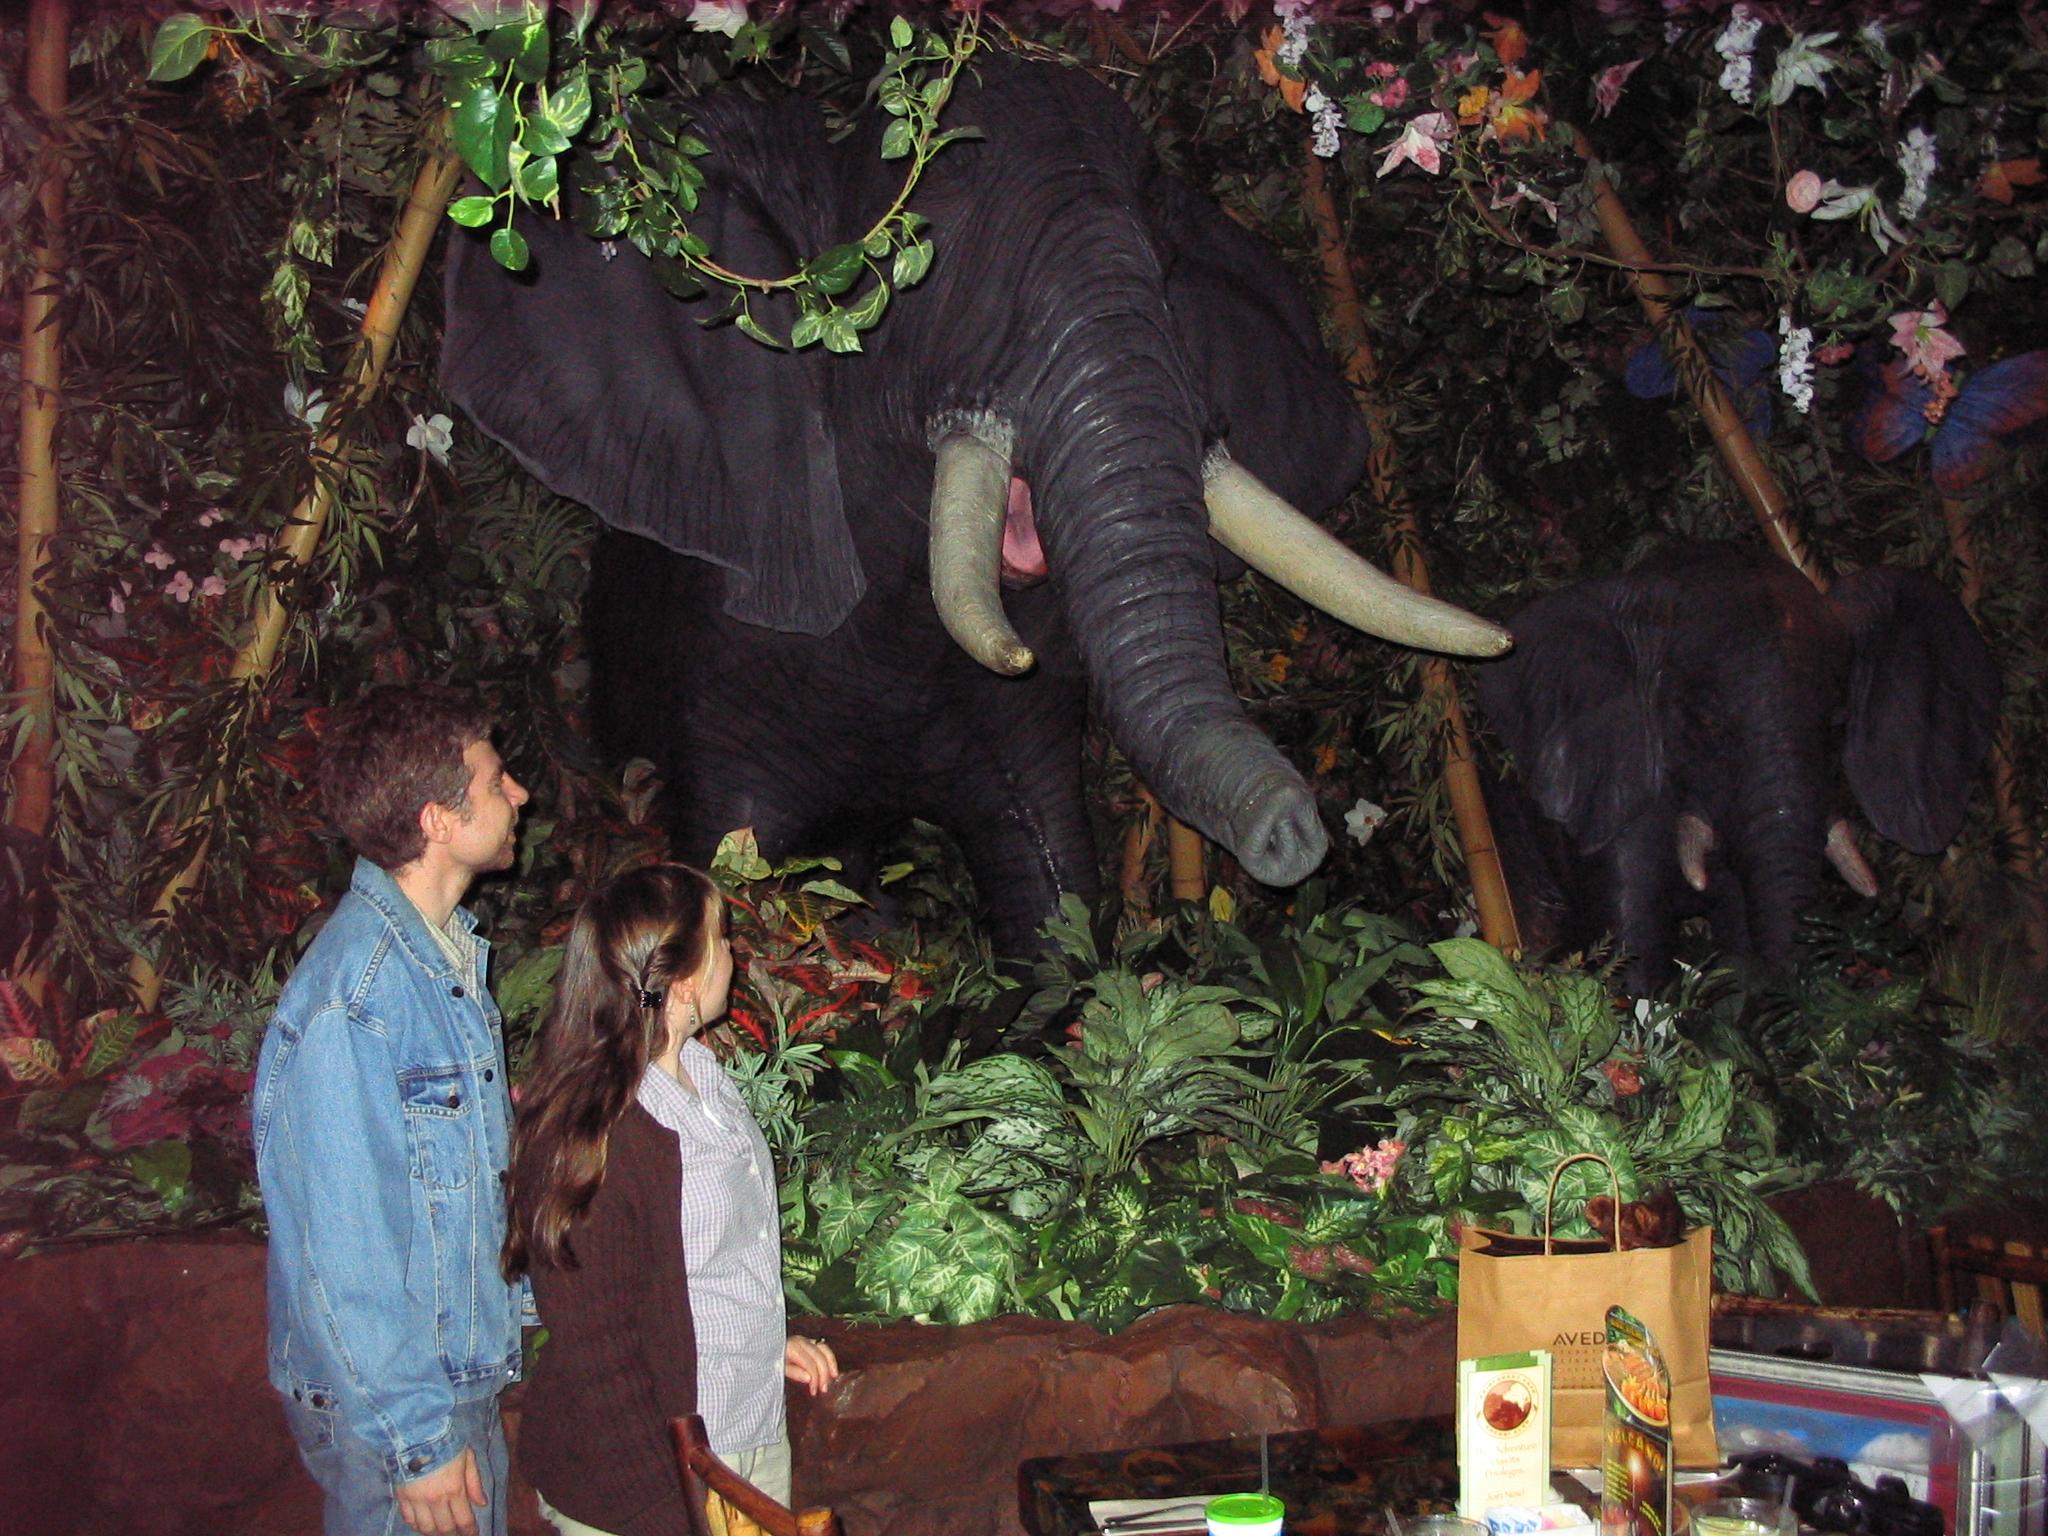 Dave&Bridgette with animatronic elephant